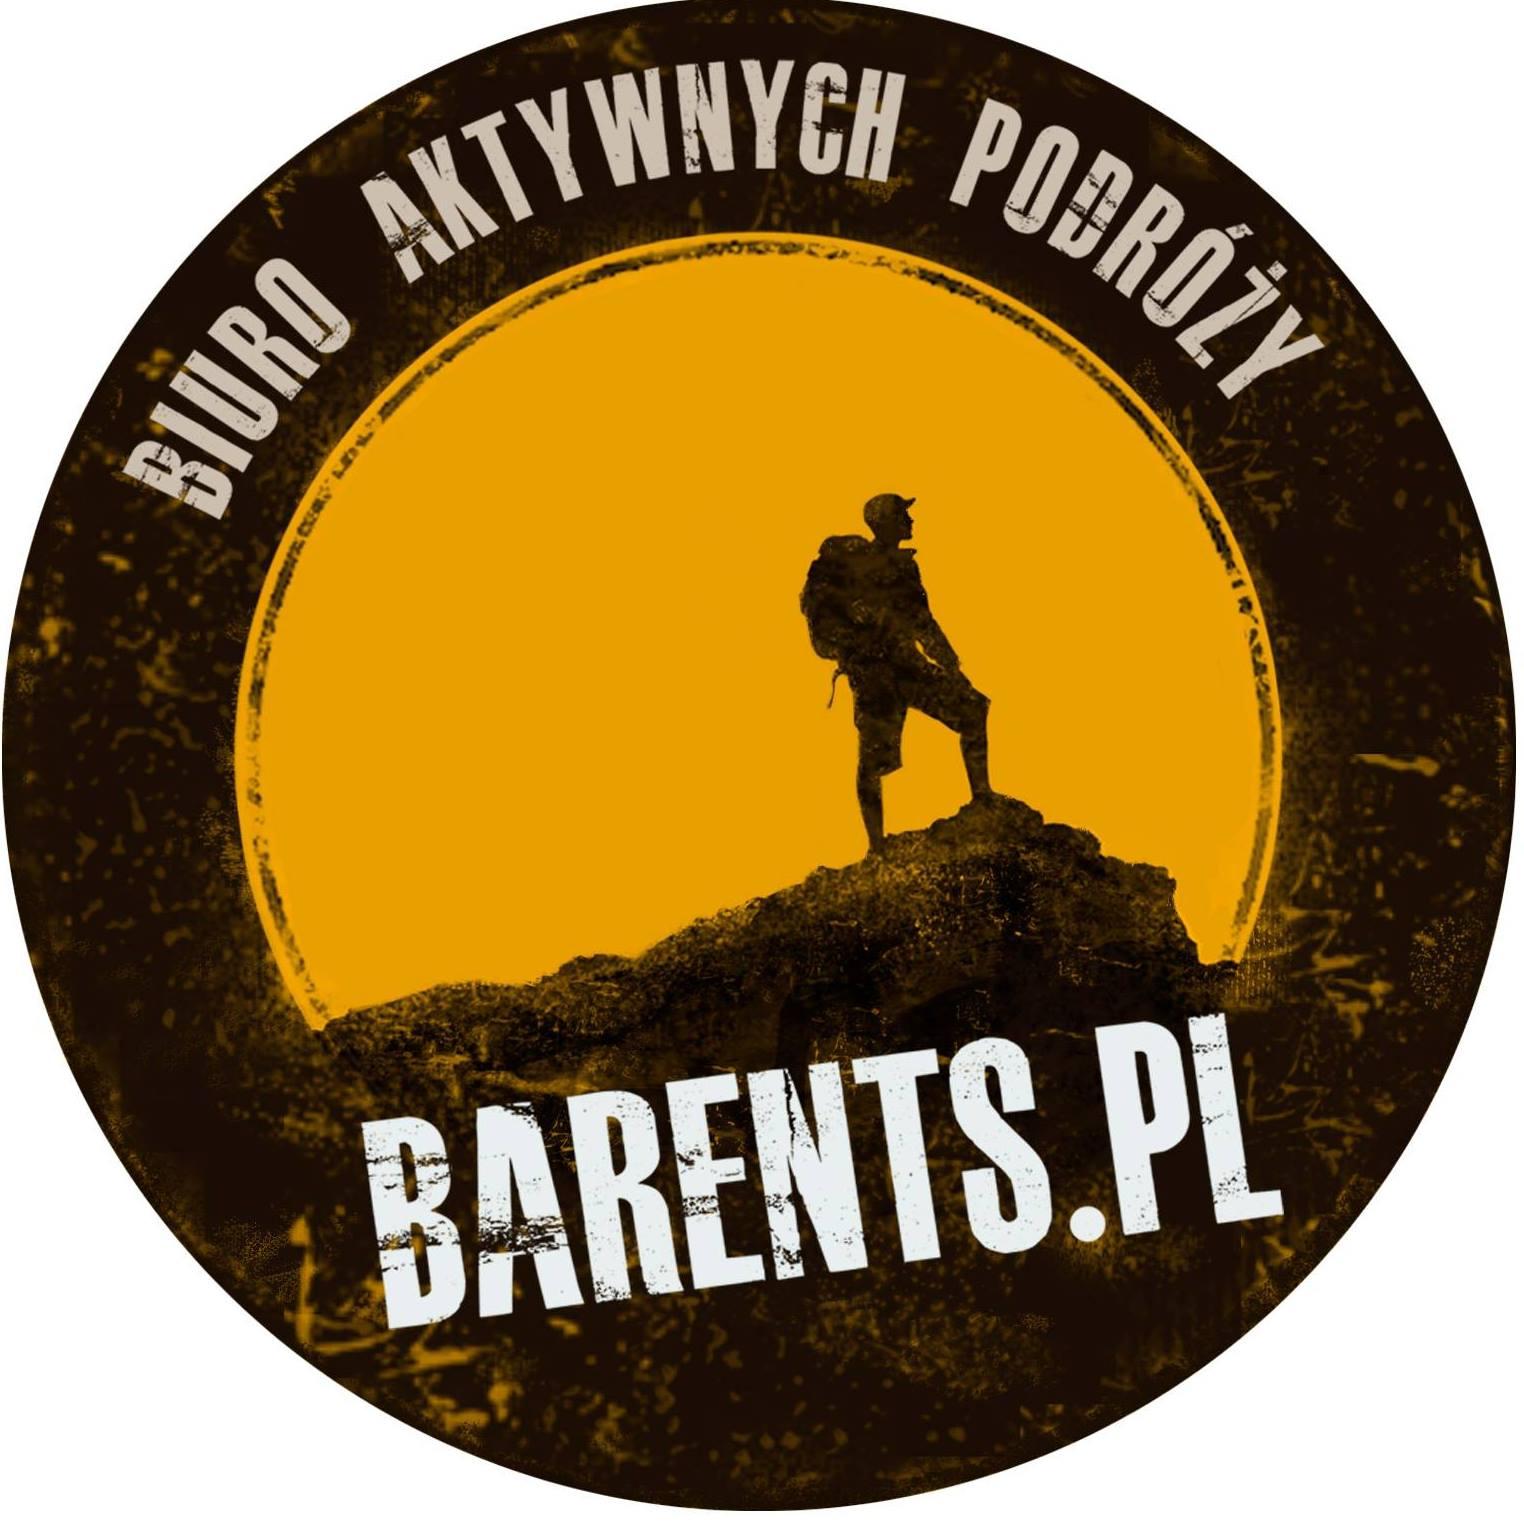 Barents wyprawy autorskie do nietypowych miejsc, incentive, rowery